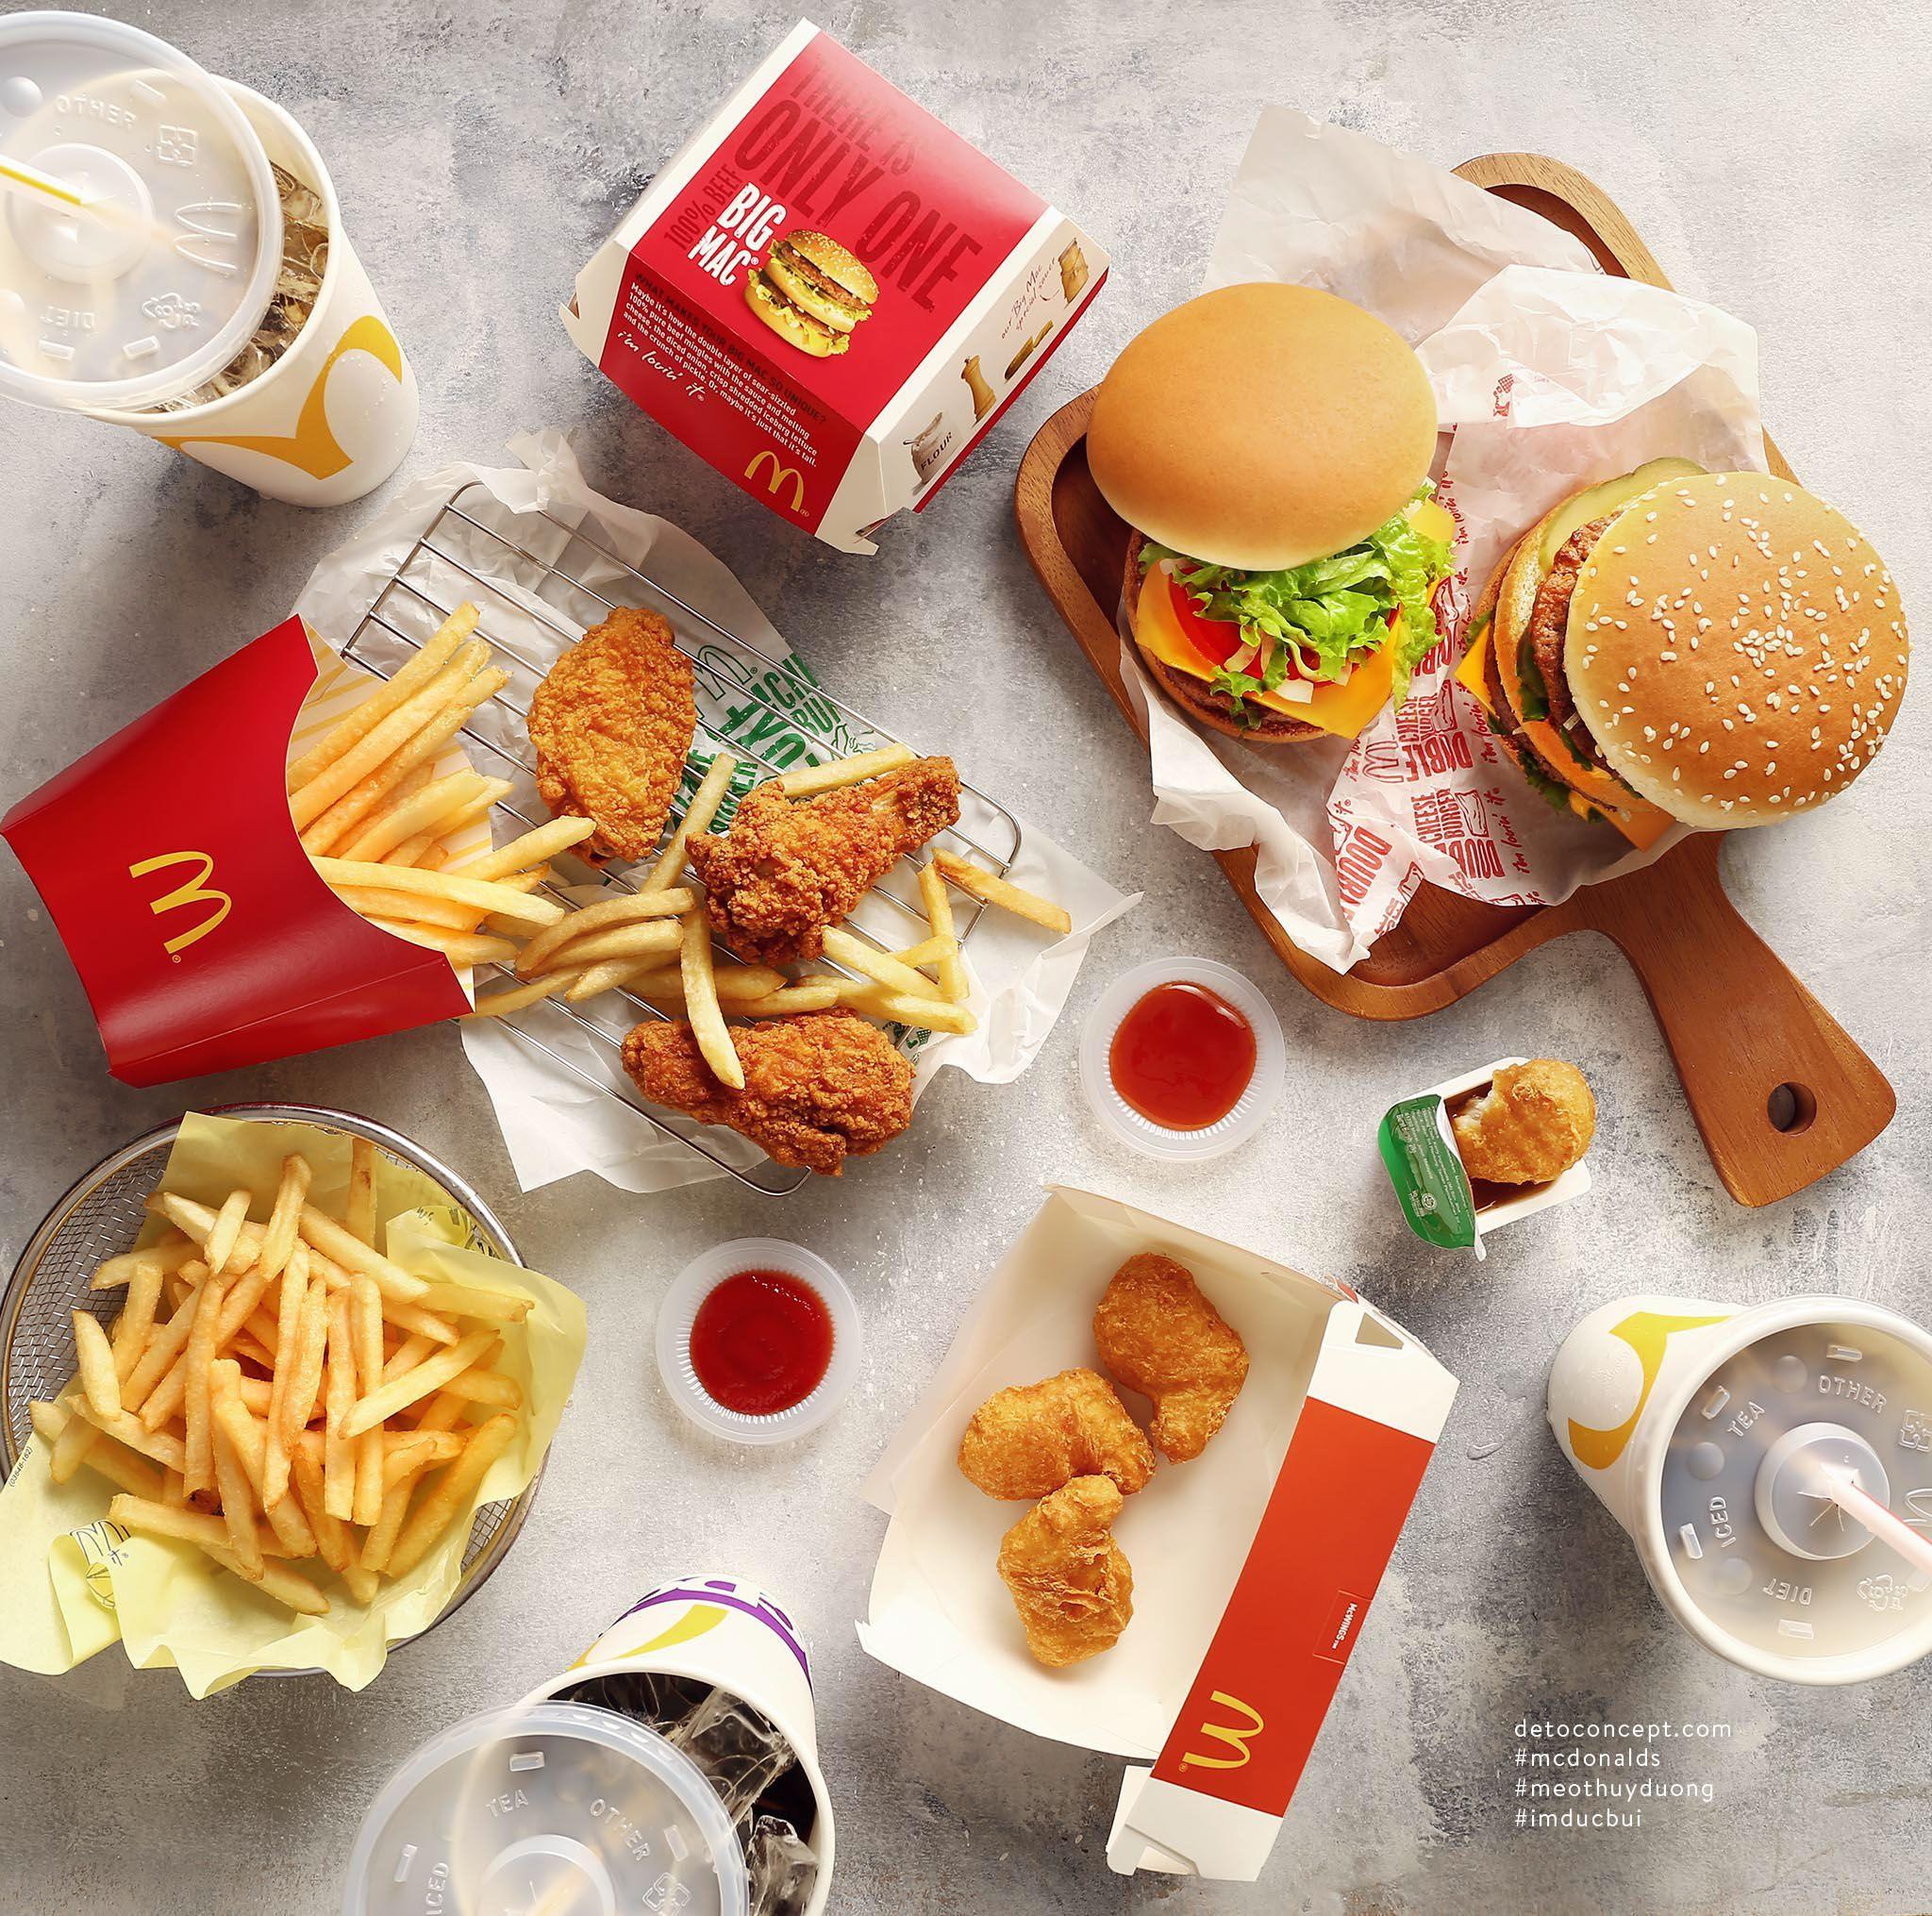 картинки макдональдс еда домашних певица